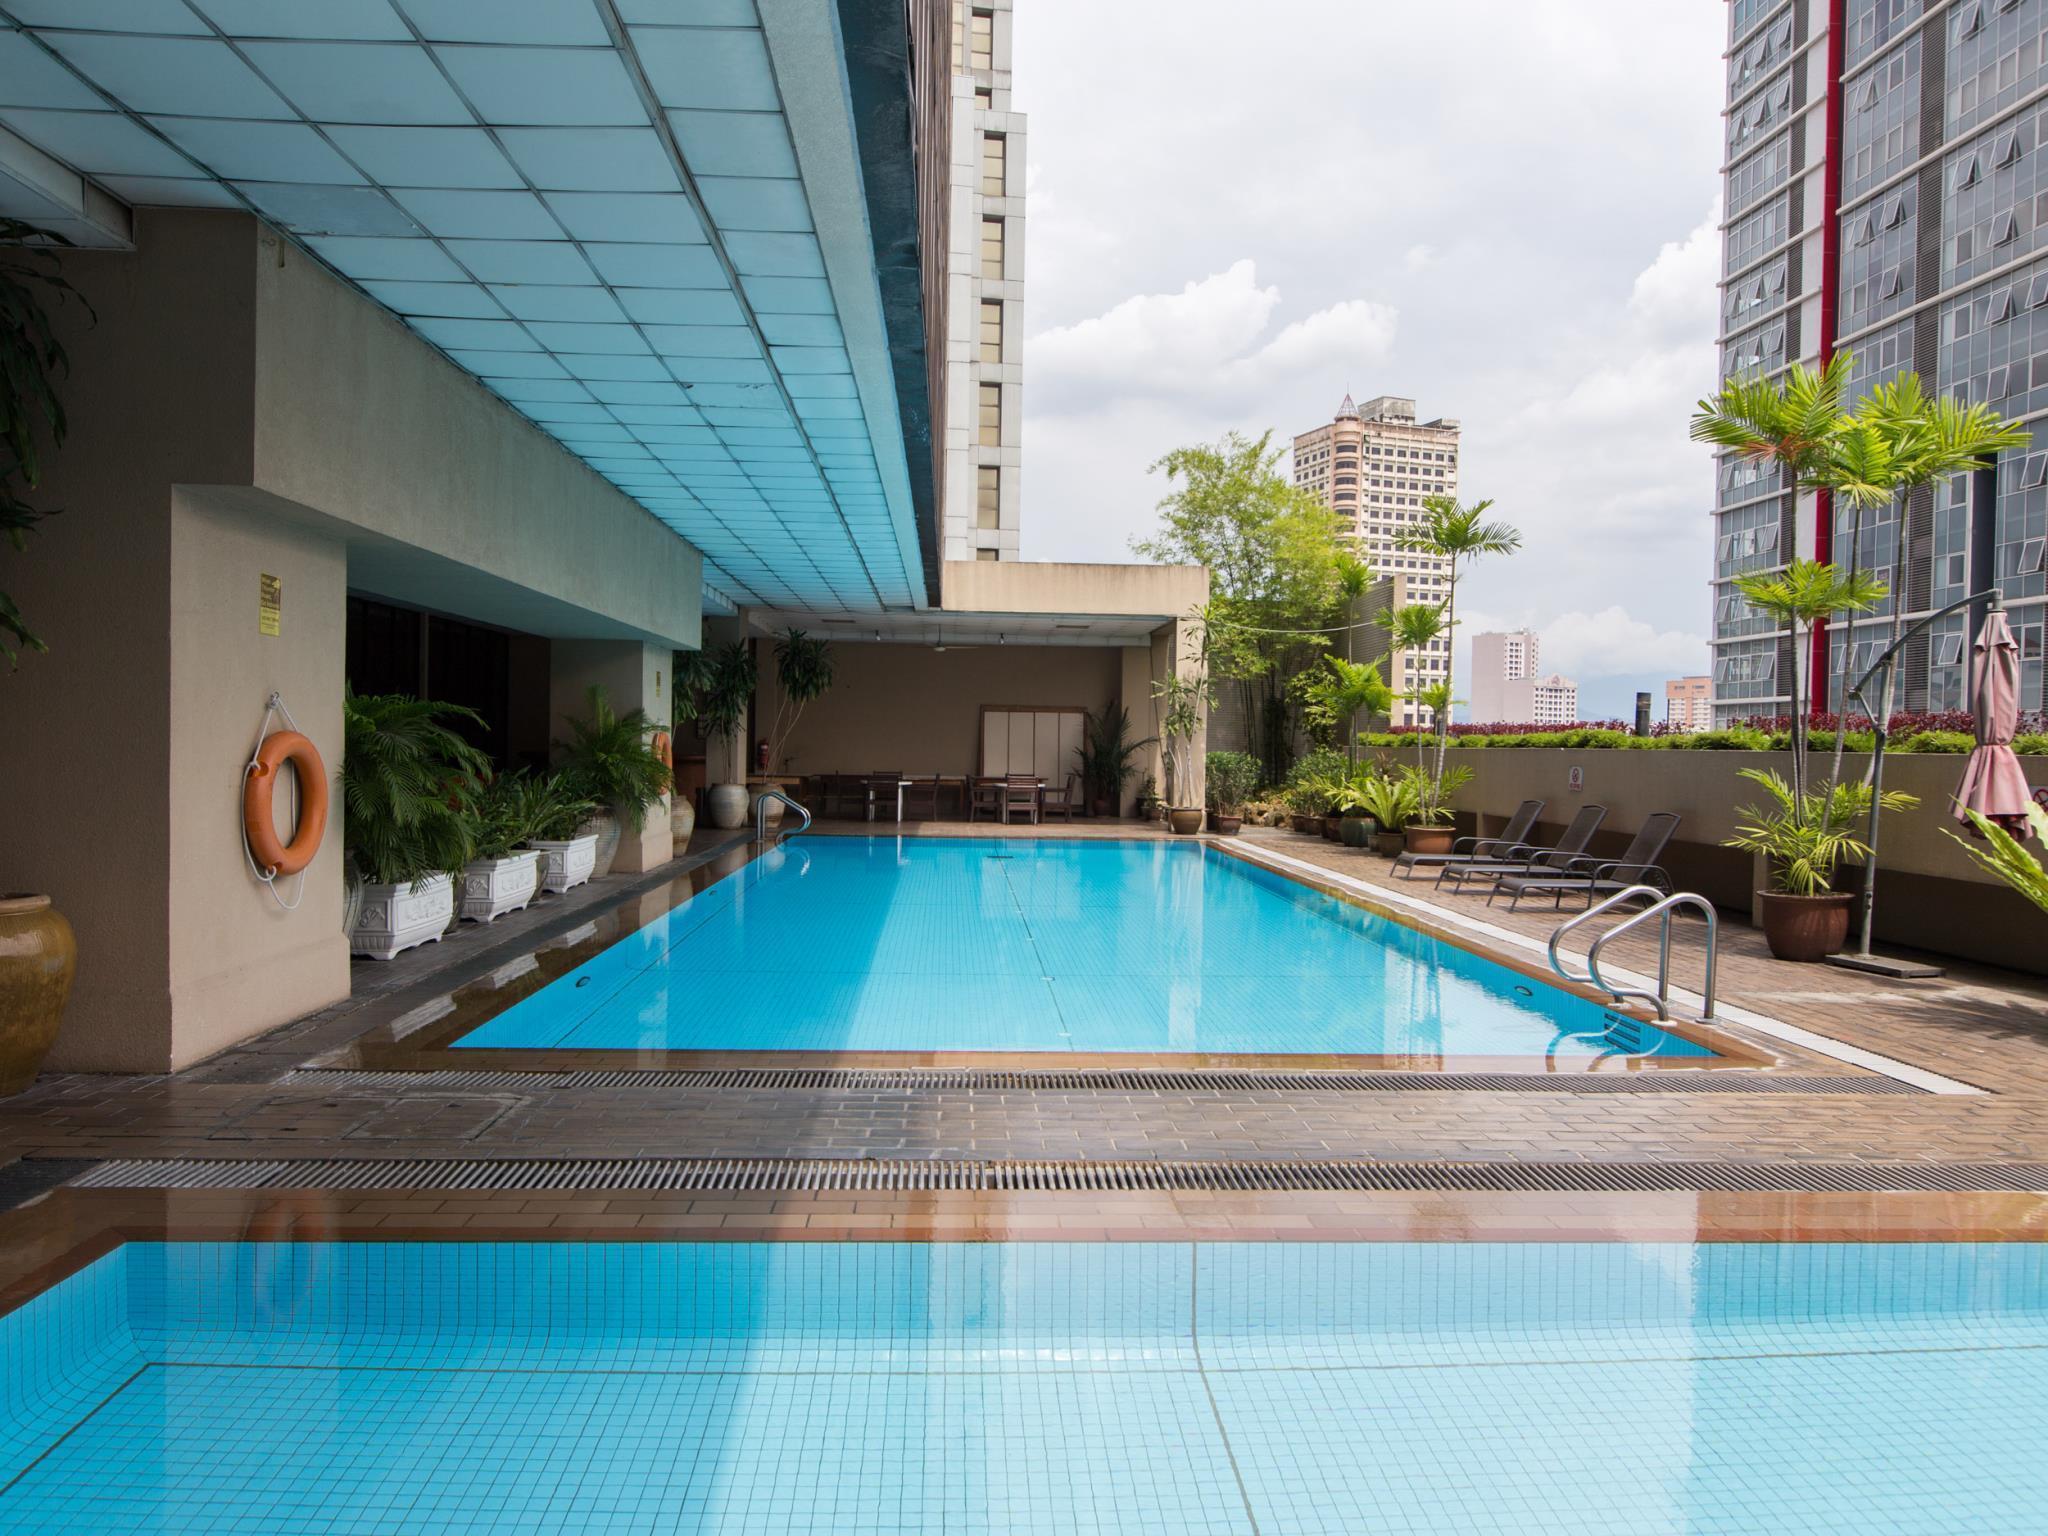 Grand Continental Kuala Lumpur Hotel Kuala Lumpur 4 Star Hotel In Kuala Lumpur Malaysia